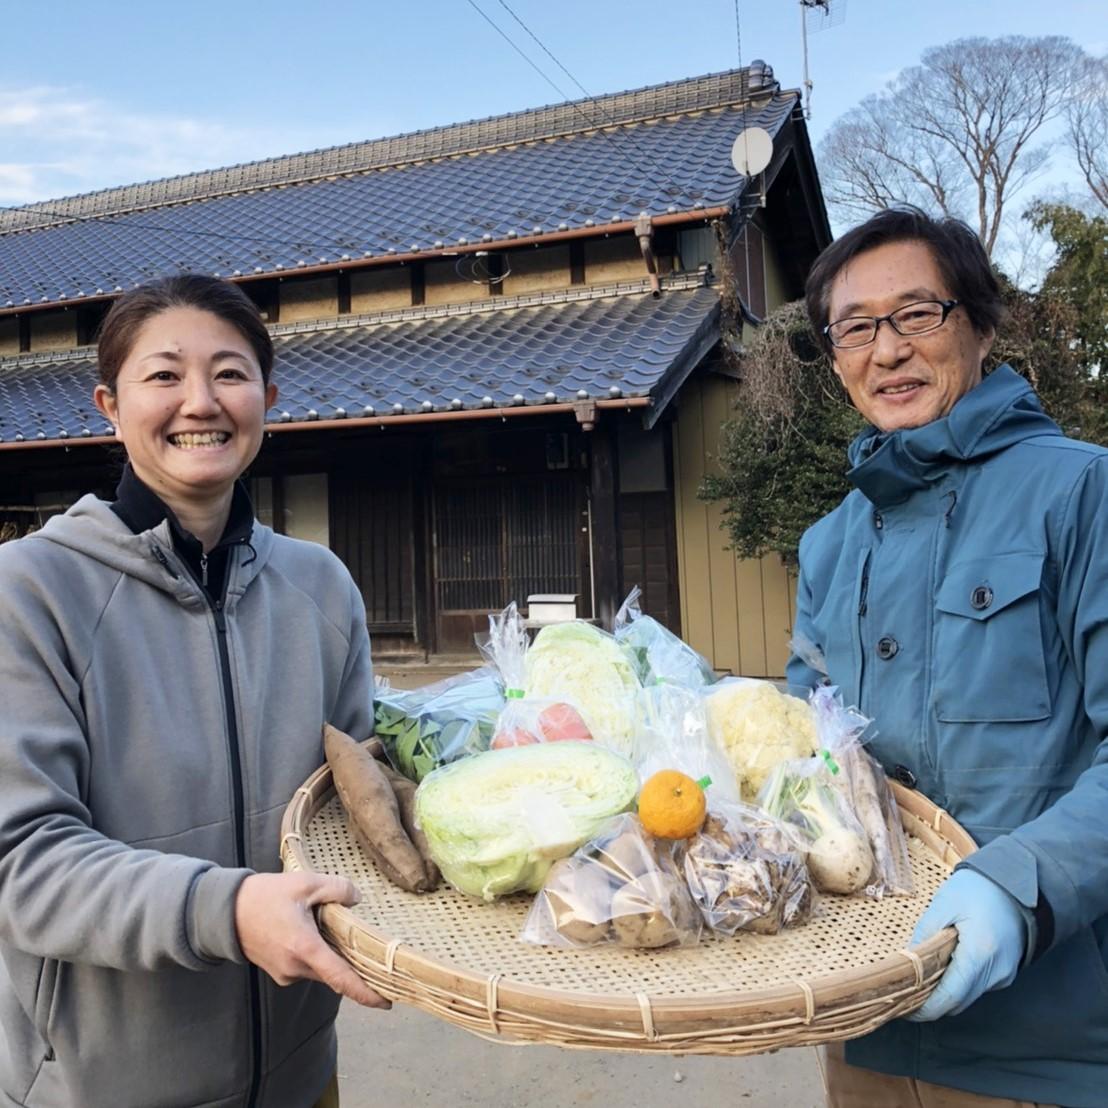 【無農薬・自然栽培】季節の産直野菜いろどりセット Mサイズ 8~10種類